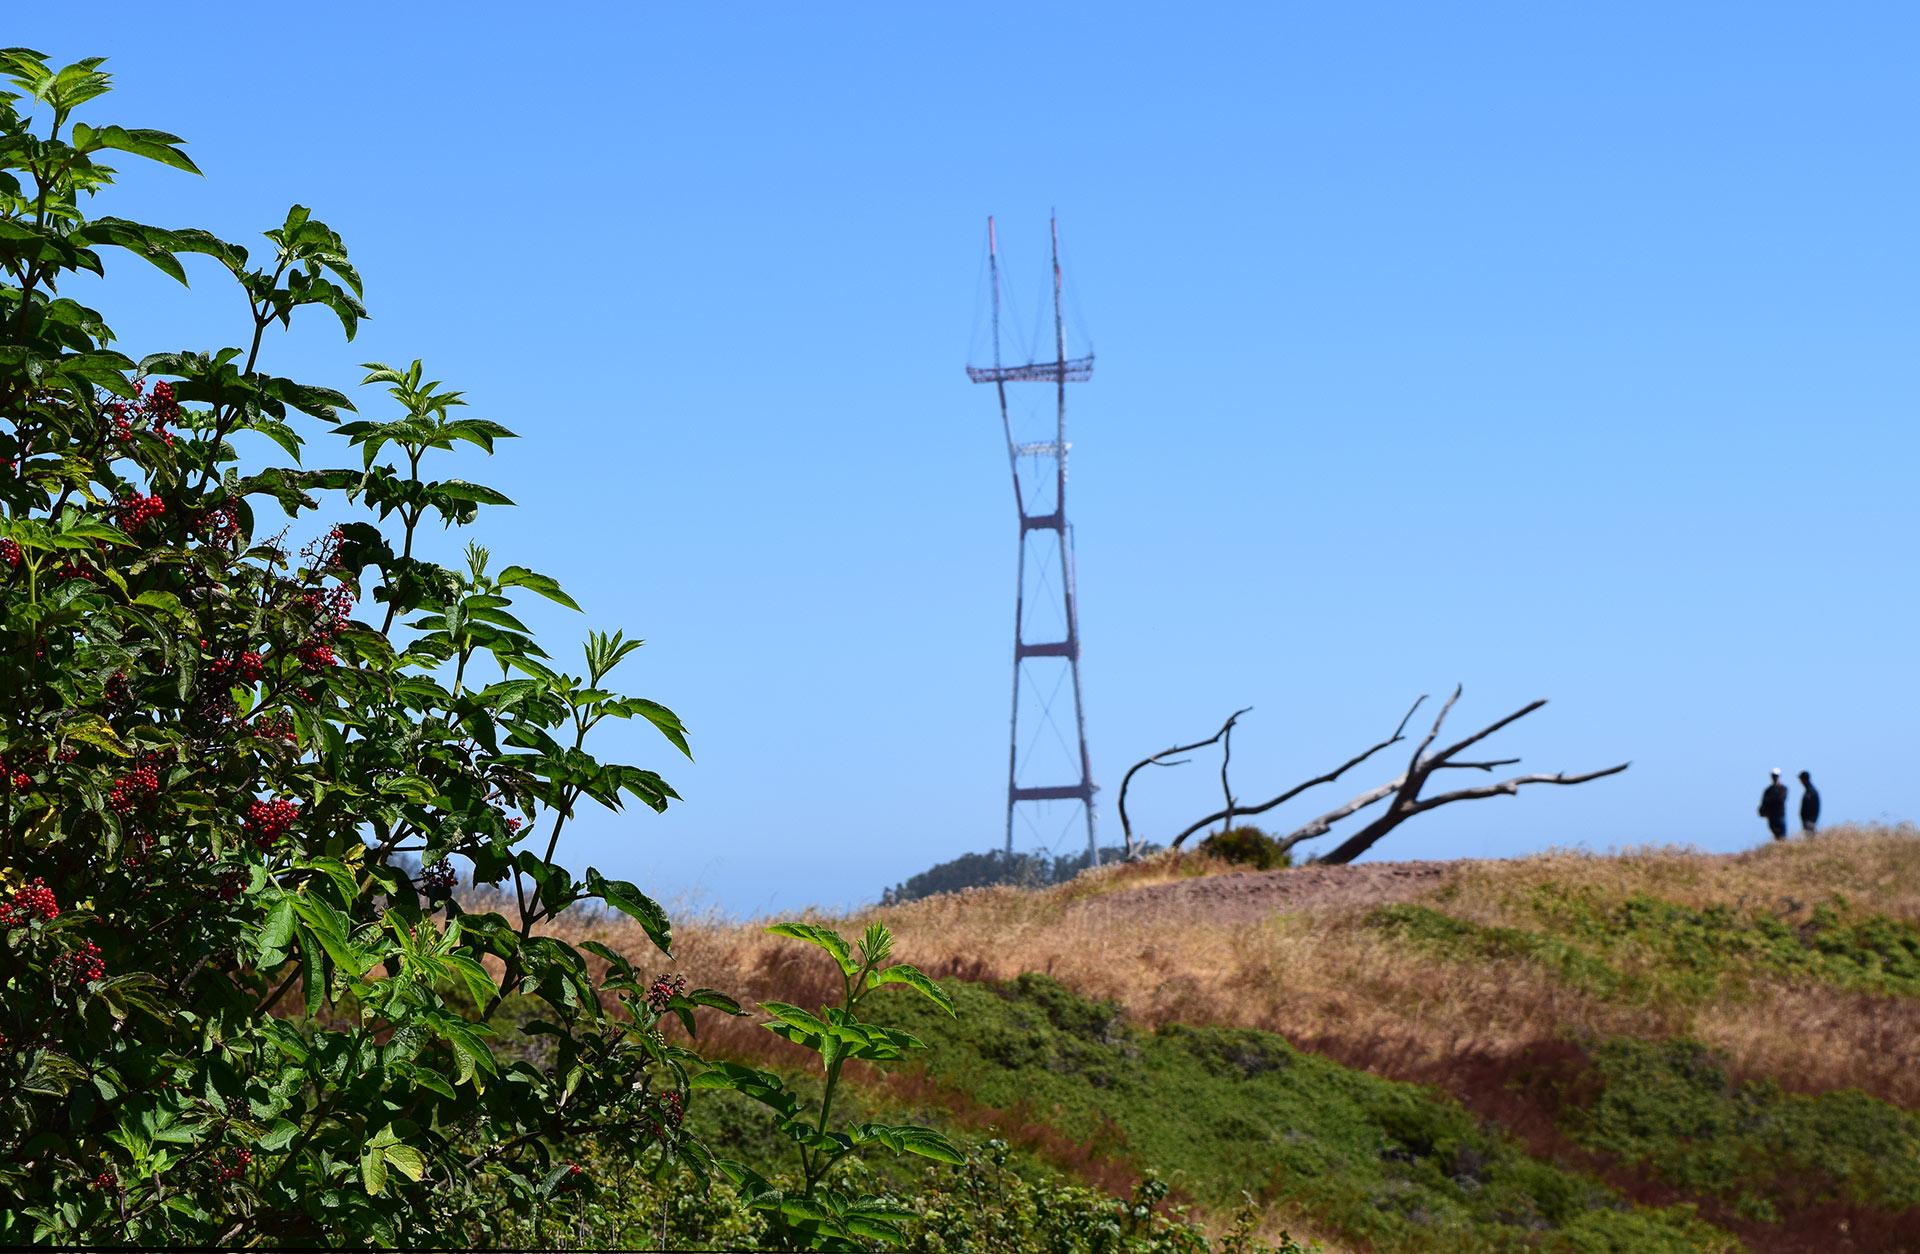 Mount Davidsonilta näkee yhden San Franciscon maamerkin: Sutro Towerin. Kuva: Reetta Kemppi